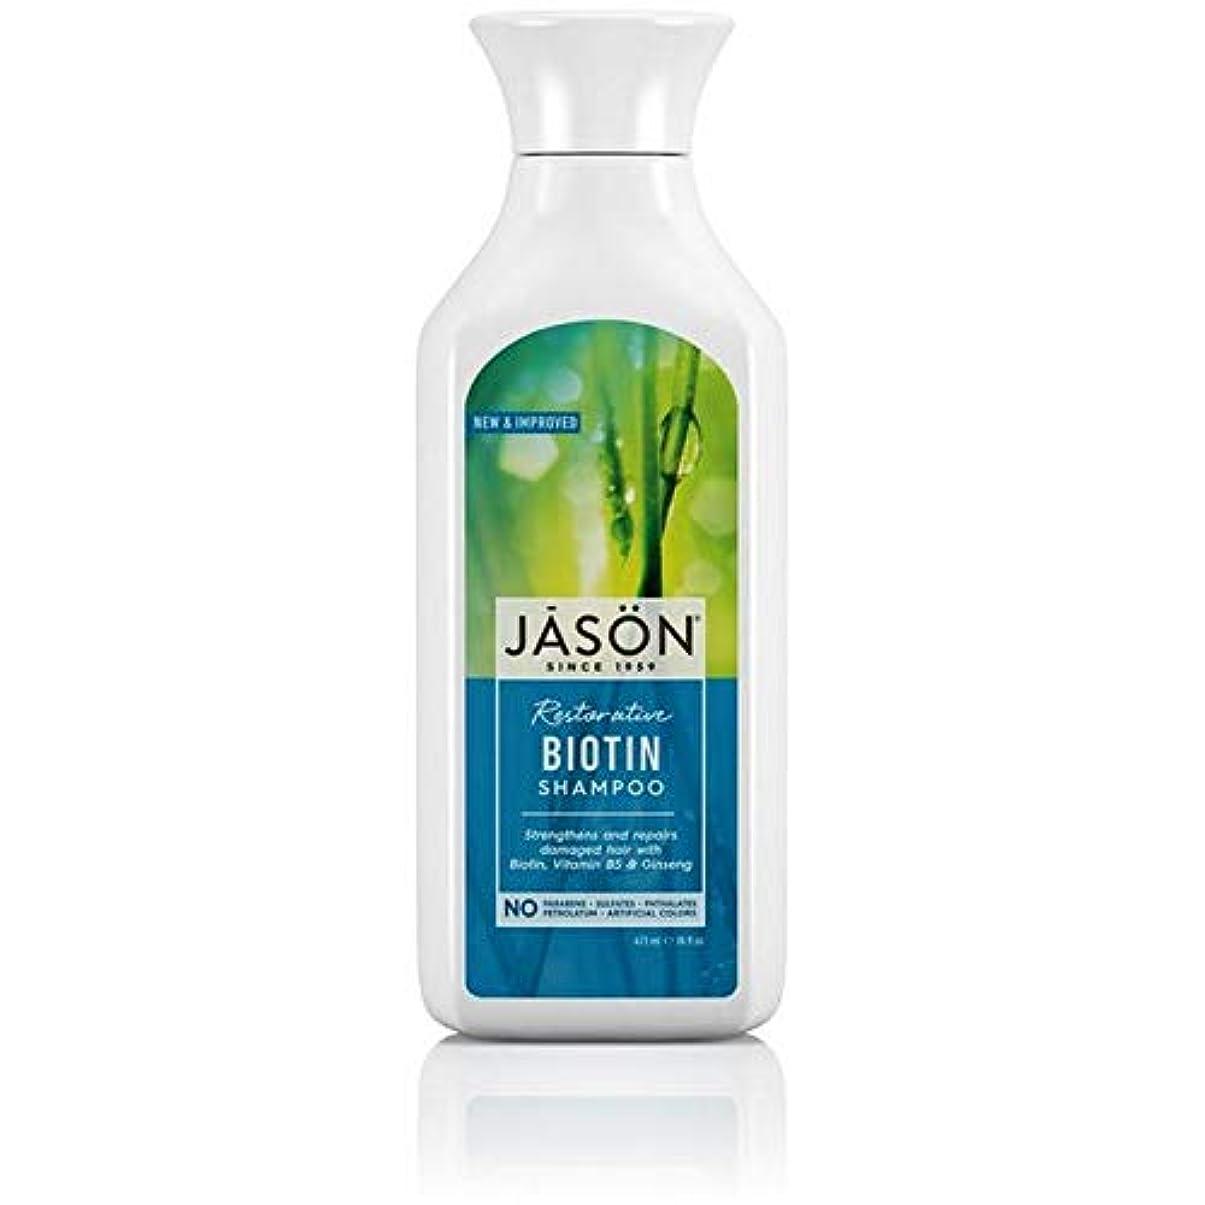 カフェテリアファイター見通し[Jason ] ジェイソンビオチンシャンプー500ミリリットル - Jason Biotin Shampoo 500ml [並行輸入品]